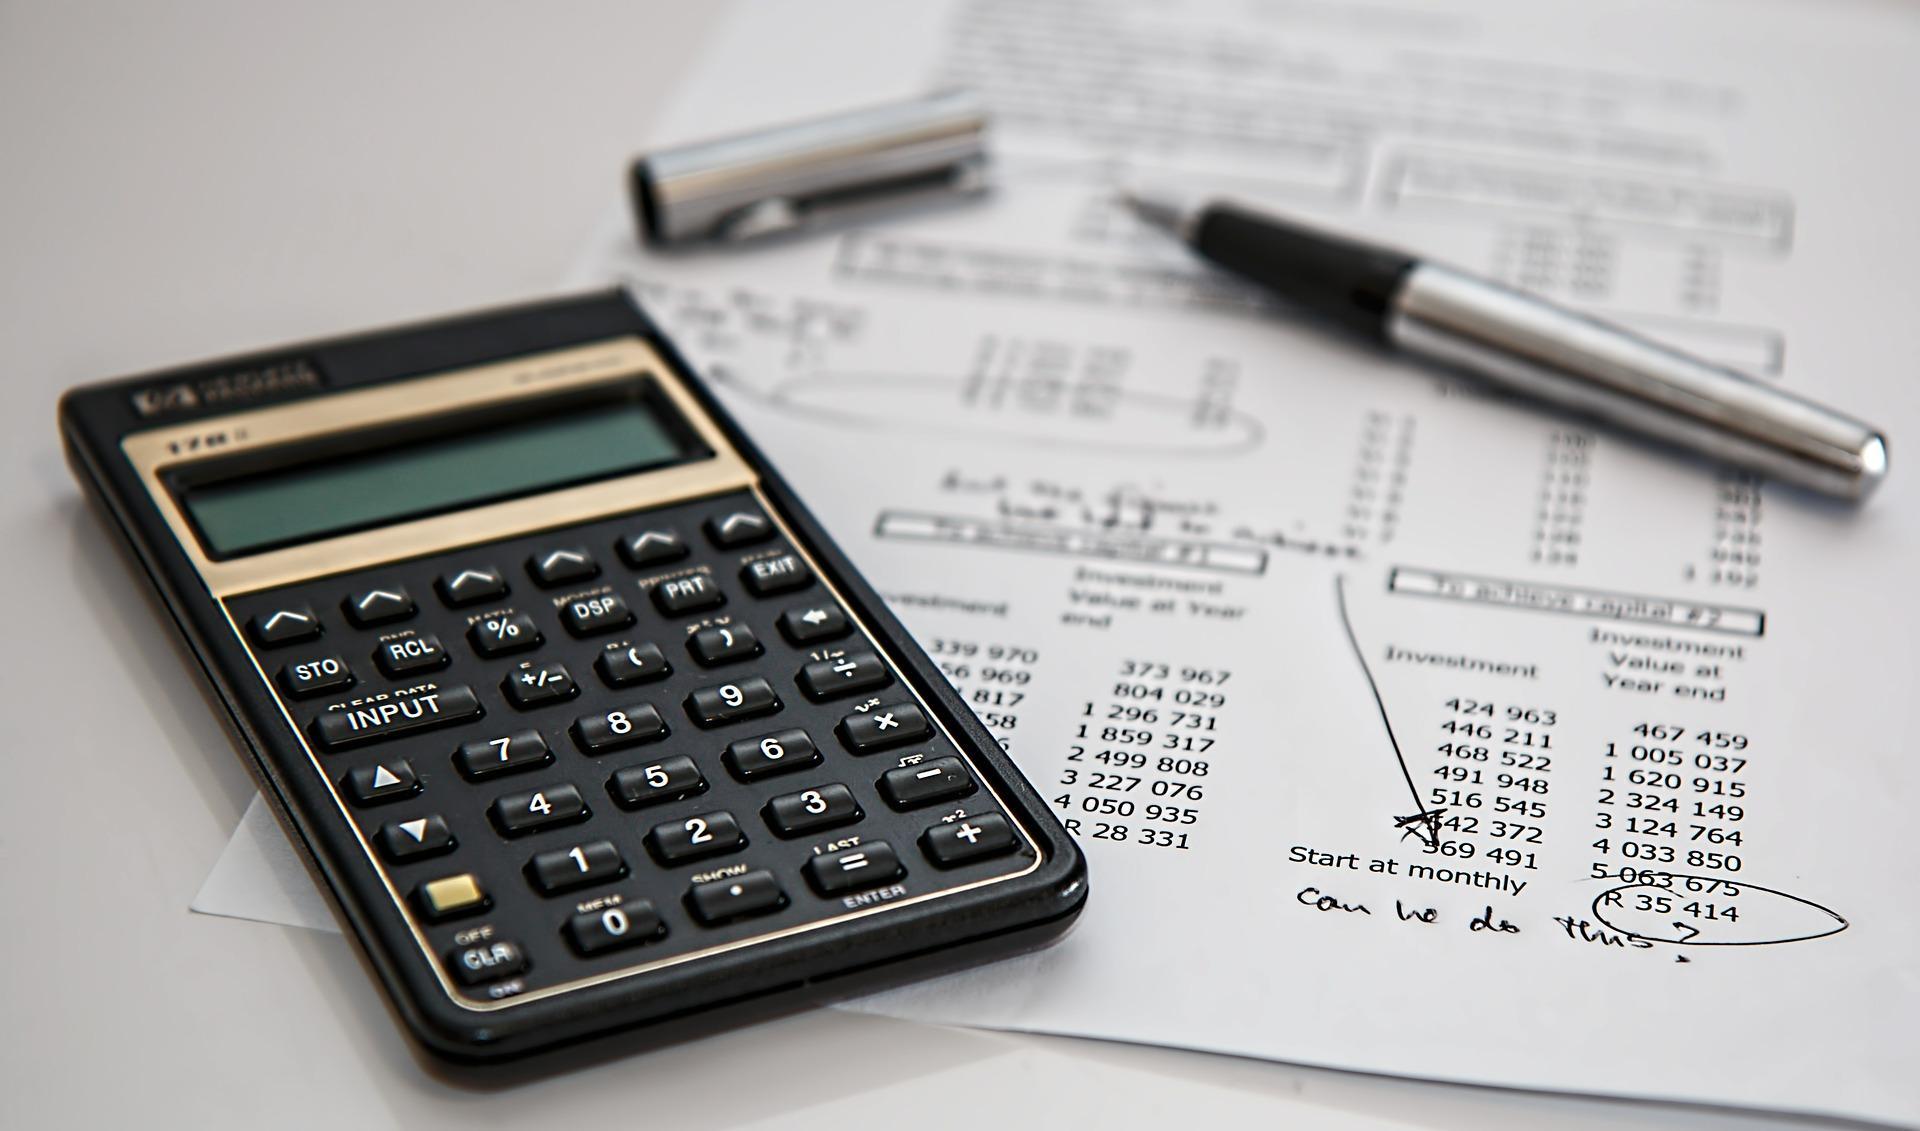 Erbauseinandersetzung bei zivilrechtlicher Nachlassspaltung - und die Anschaffungskosten